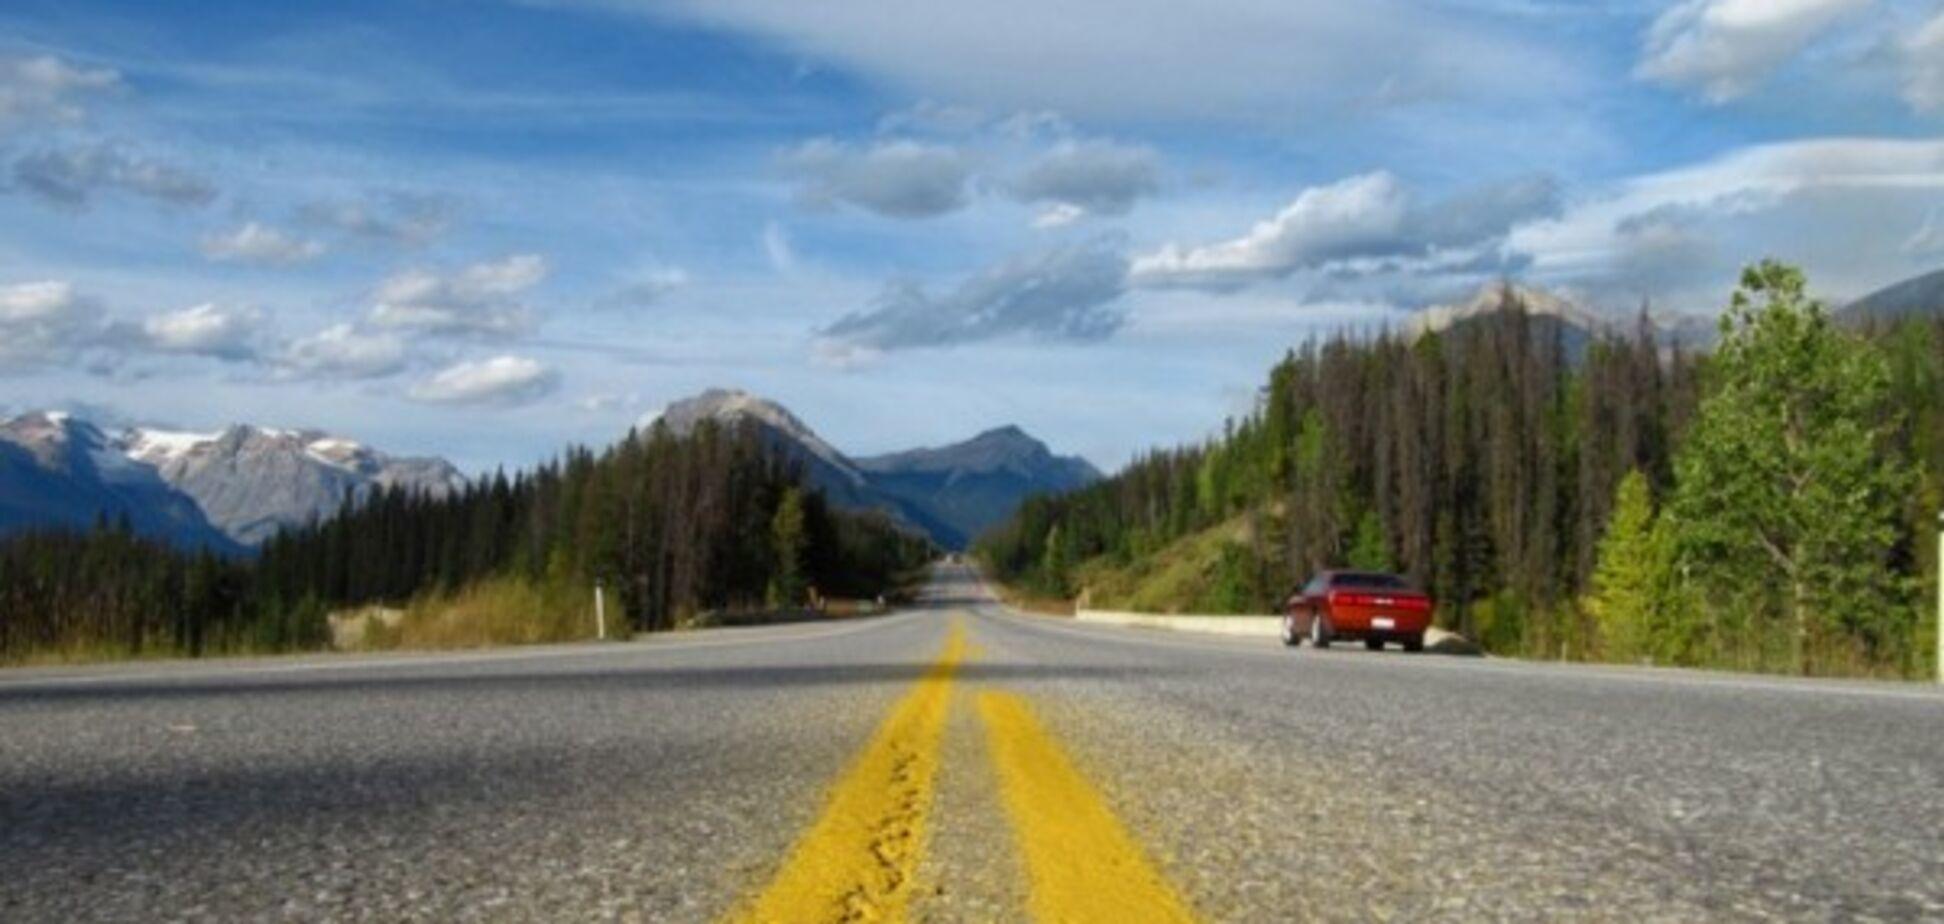 Как устроена система дорожного движения в США